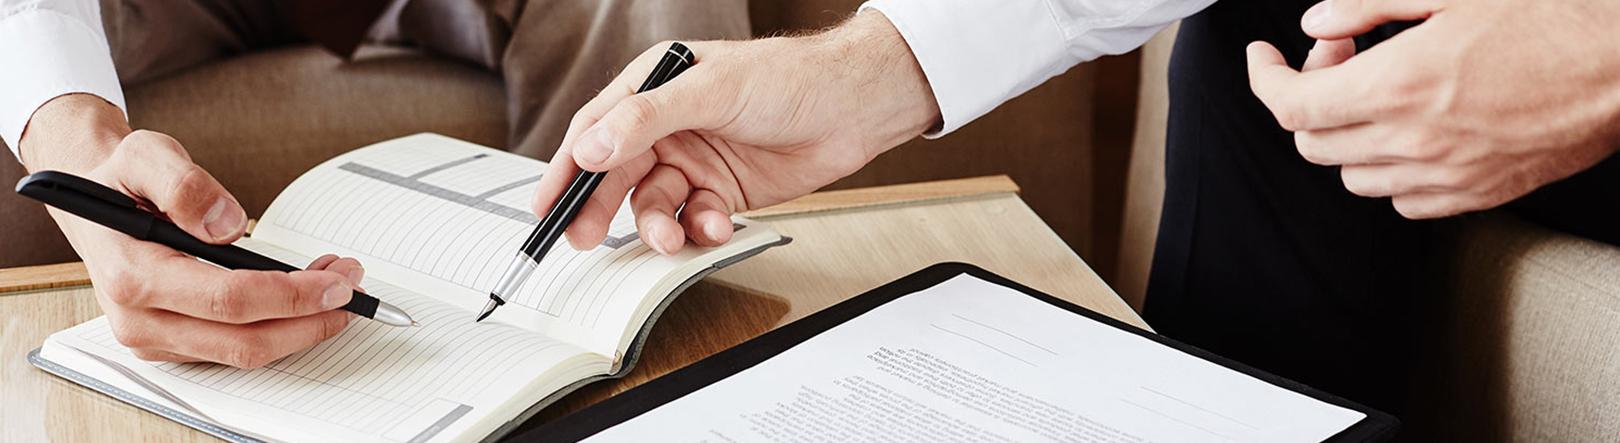 مشاوره حقوقی مالیاتی